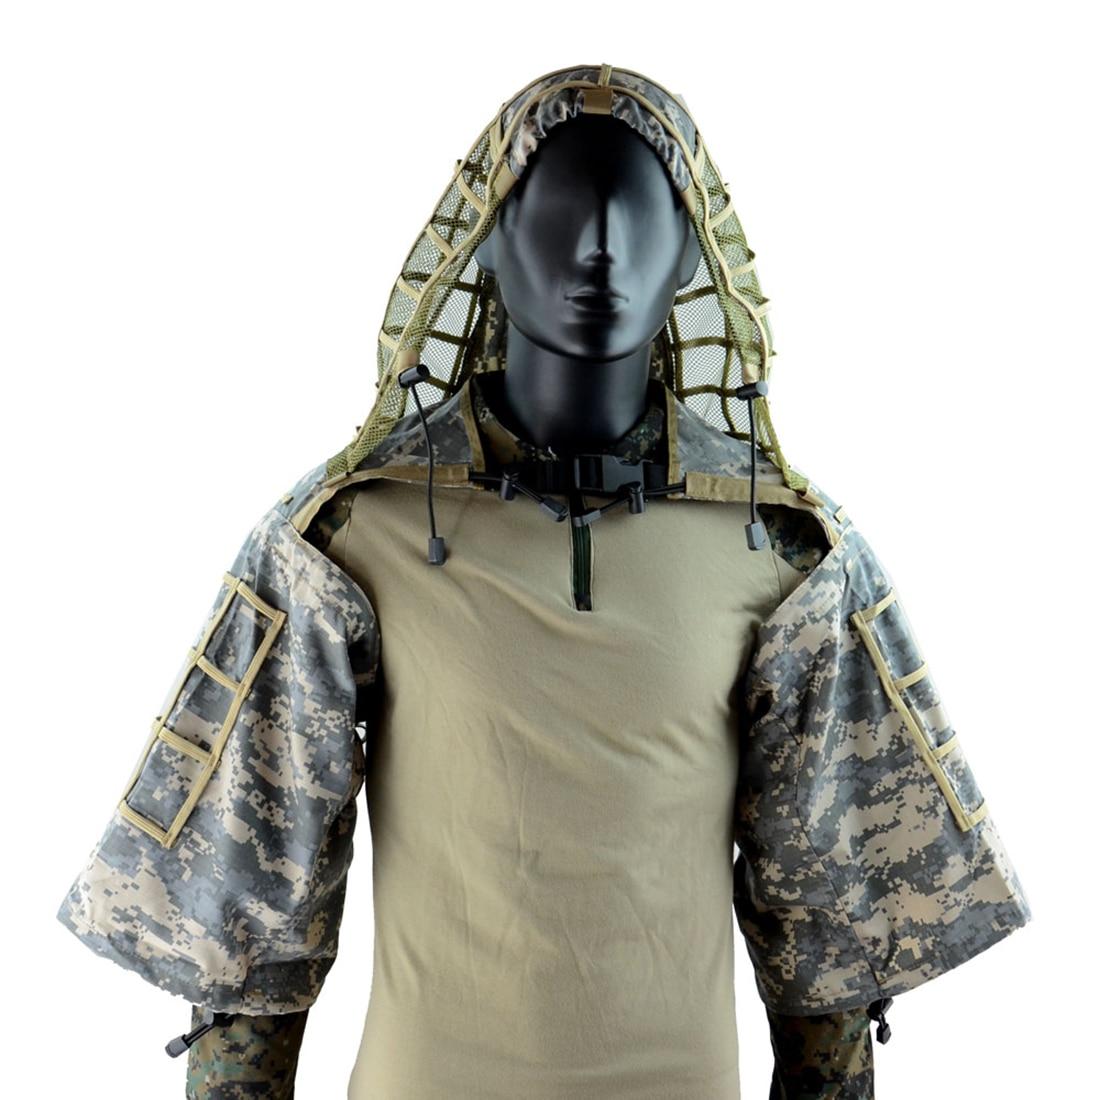 Modiker Ghillie costume base tactique Ghillie capuche tactique Camouflage manteau-taille libre ACU